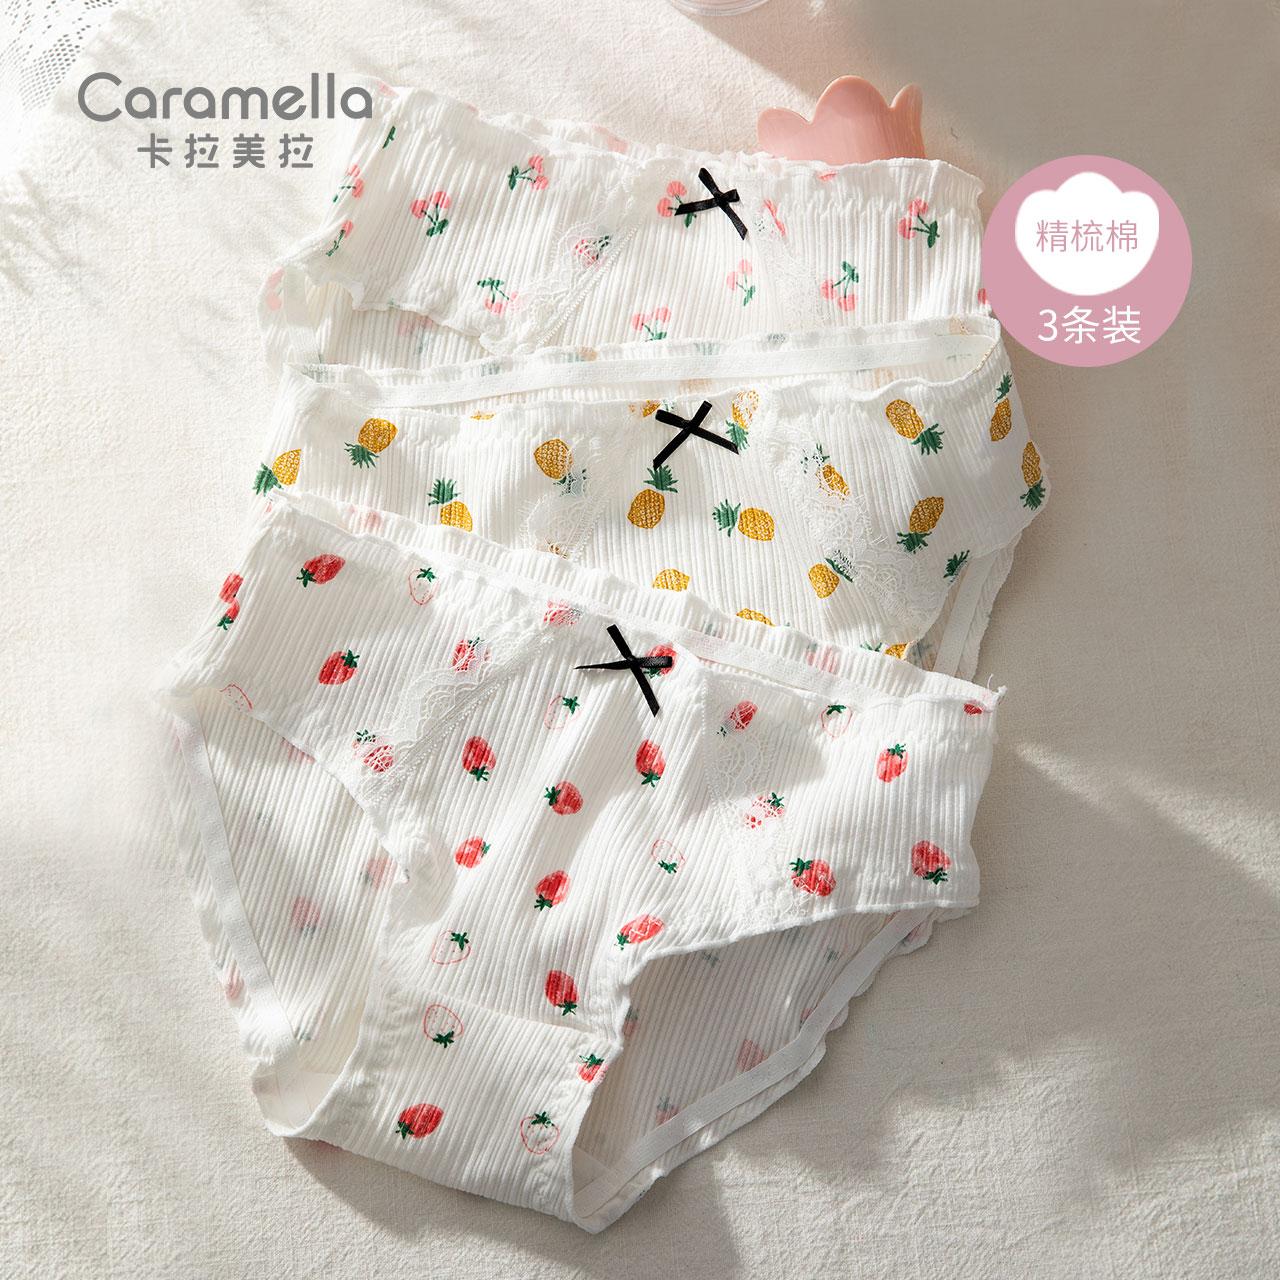 Caramella内裤女士可爱少女生中腰三角内裤印花纯棉透气无痕抗菌